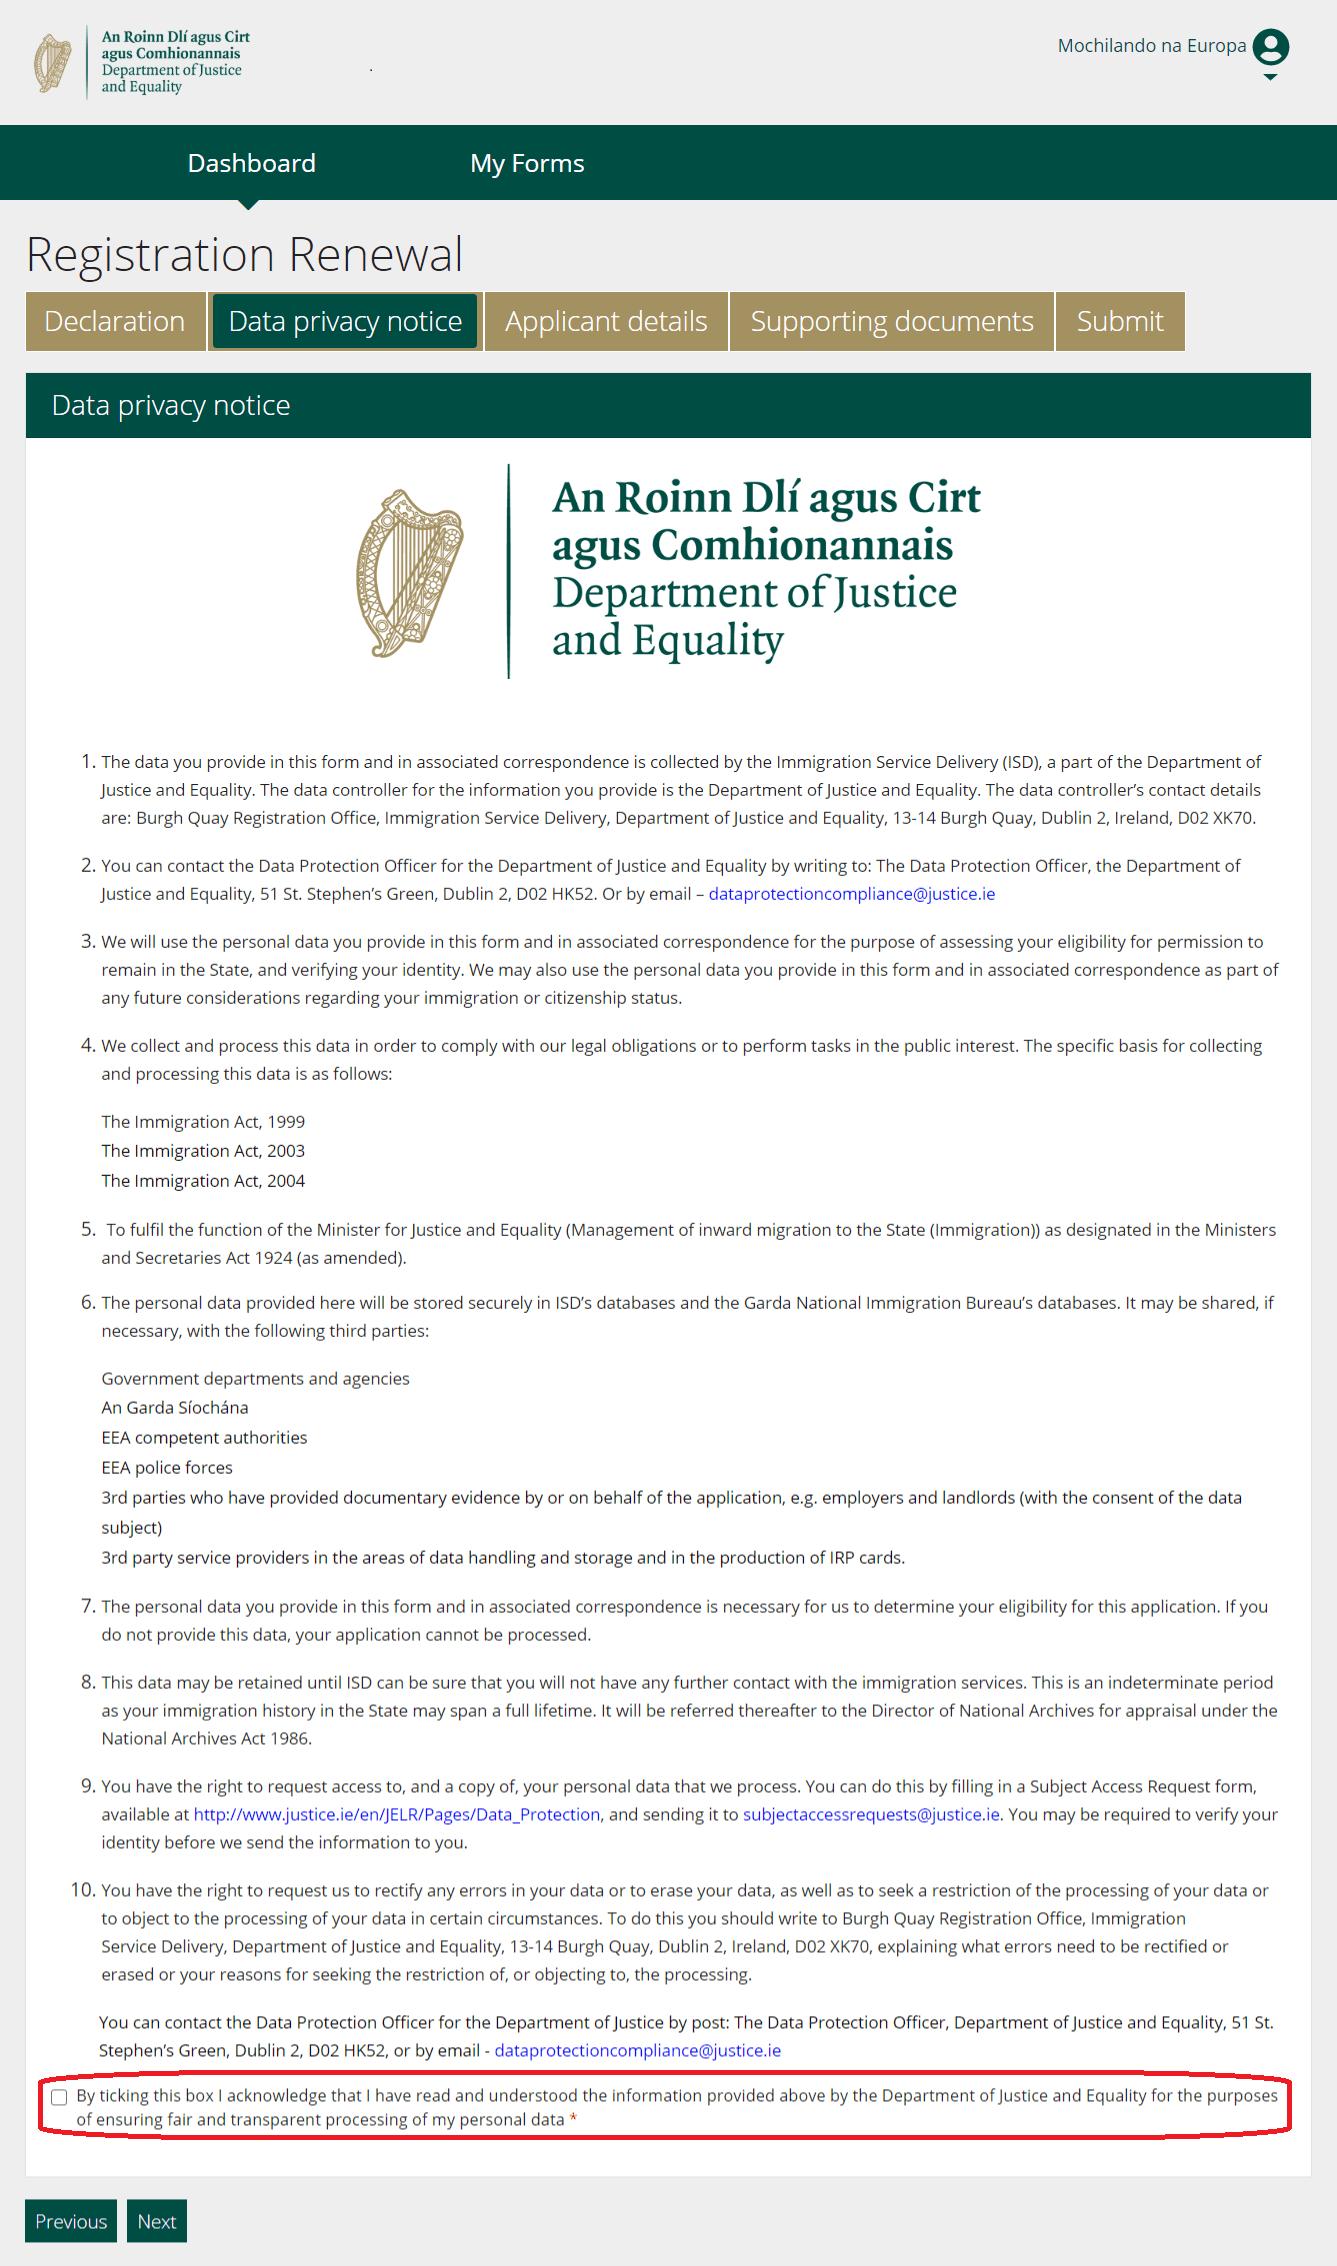 INIS STEP 5 - DECLARAÇÃO DE PRIVACIDADE DO INIS